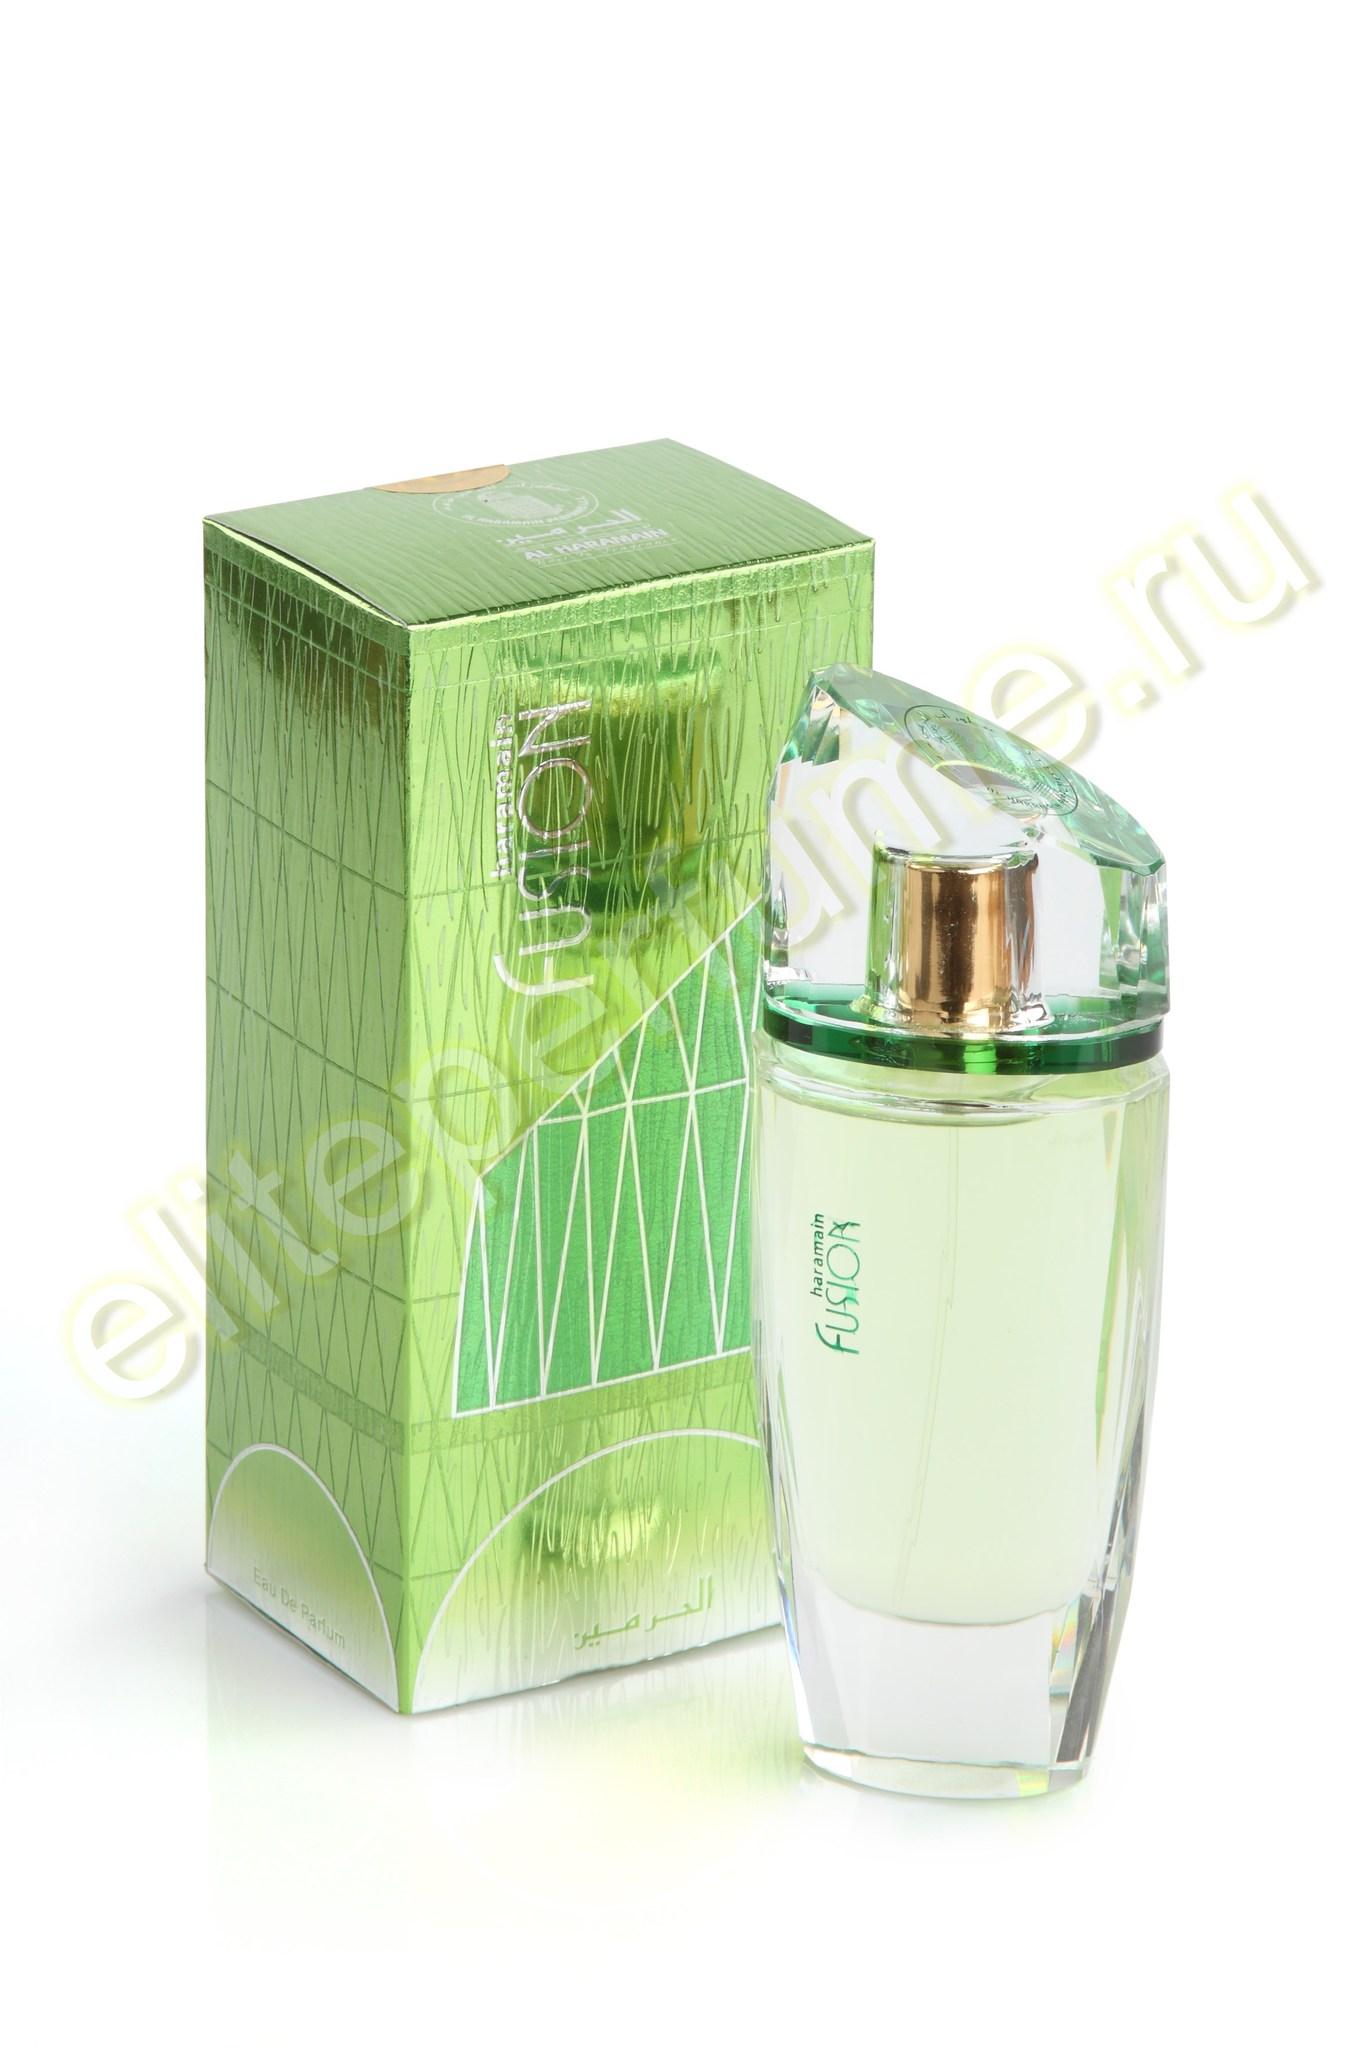 Haramain fusion Харамайн слияние 75 мл  спрей от Аль Харамайн Al Haramain Perfumes